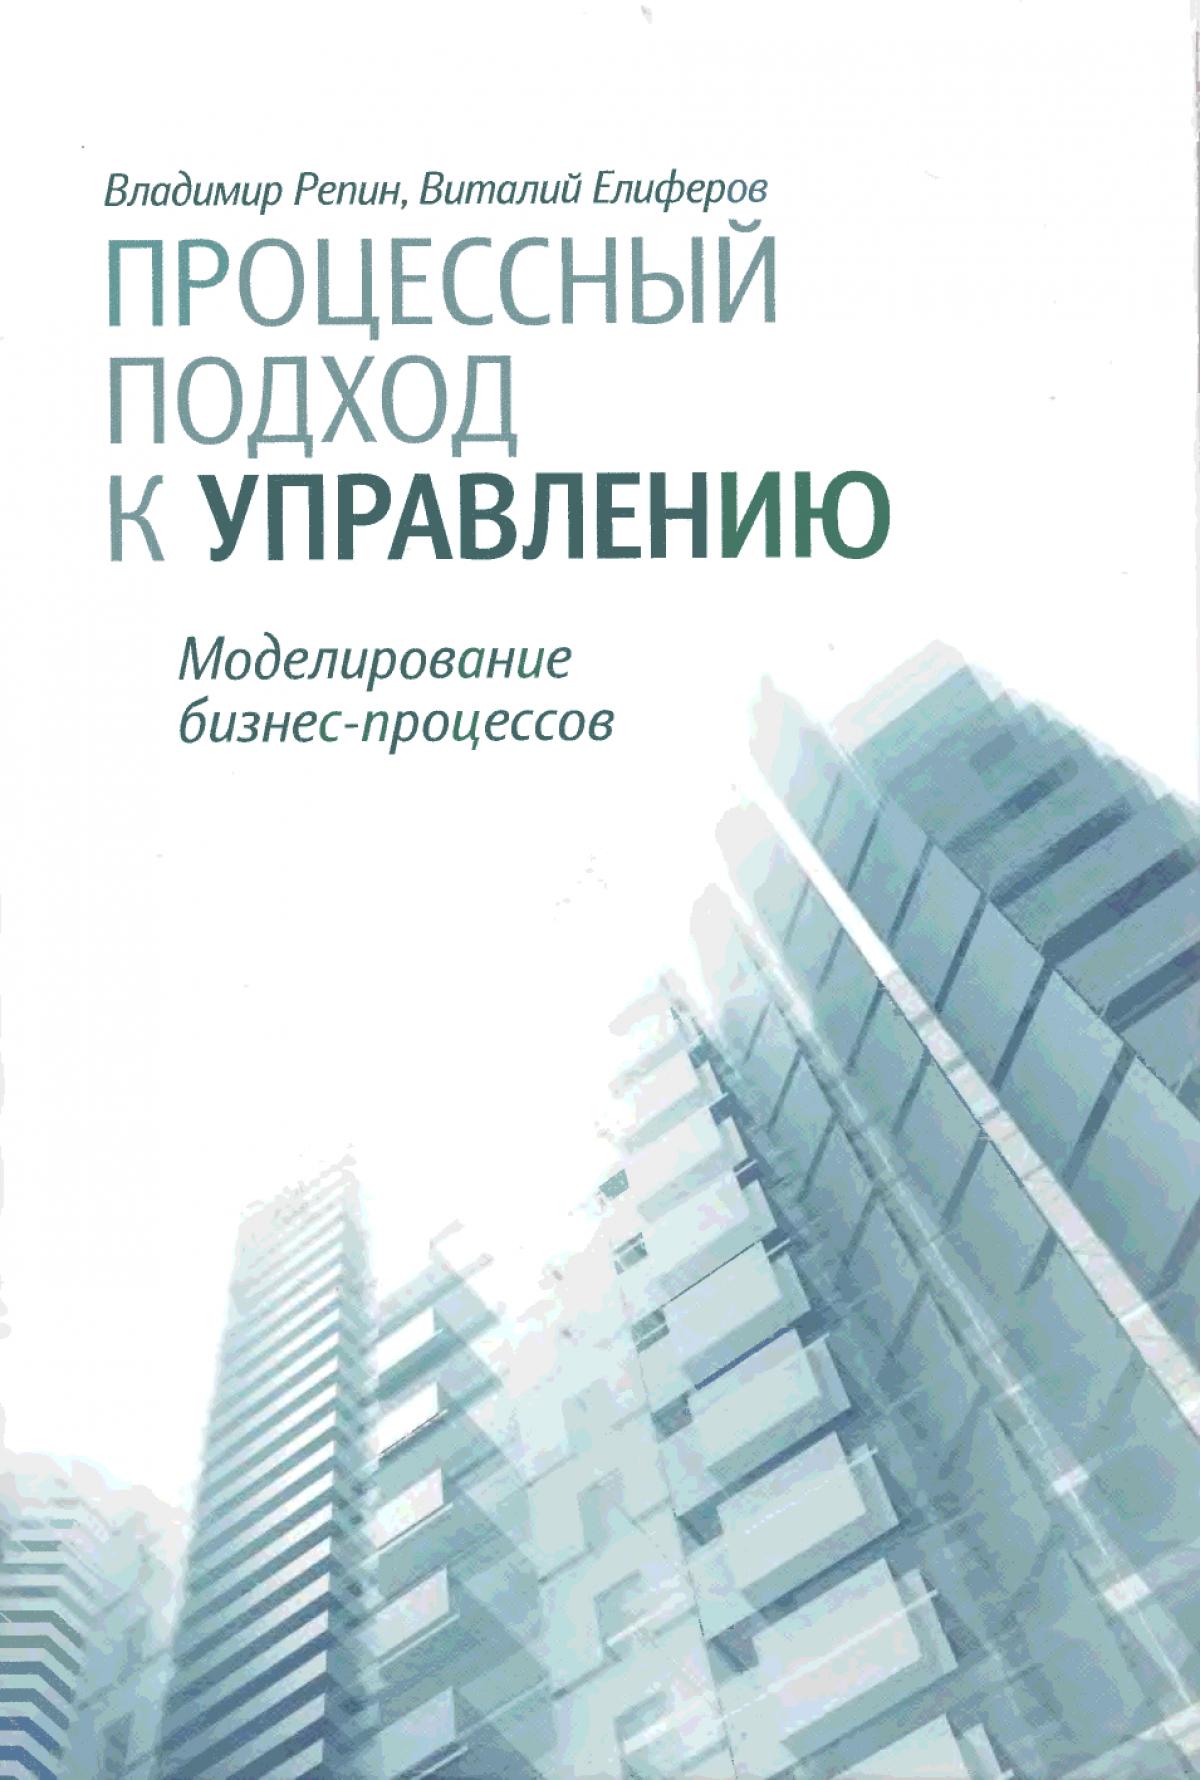 Обложка книги:  репин в.в., елиферов в.г. - процессный подход к управлению. моделирование бизнес-процессов